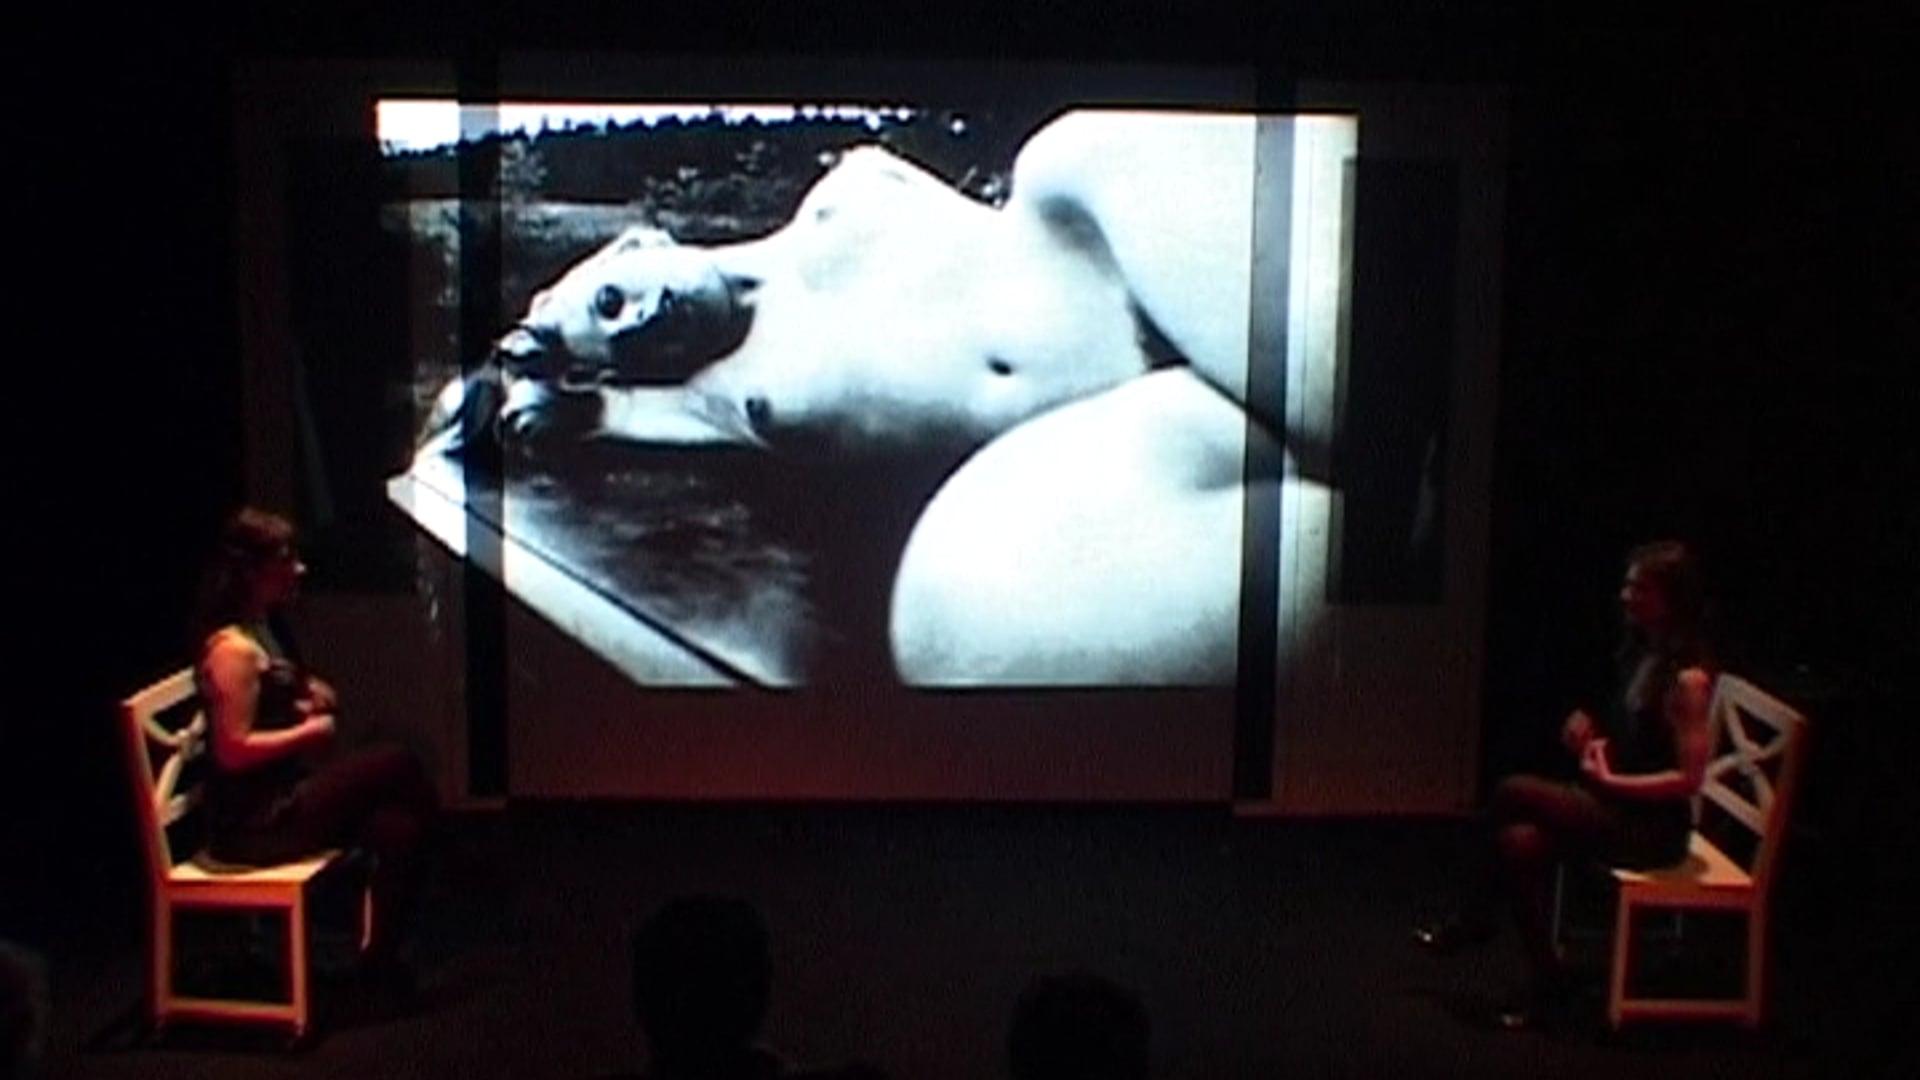 LA PIU' FORTE - DEN STARKARE/ Strindberg